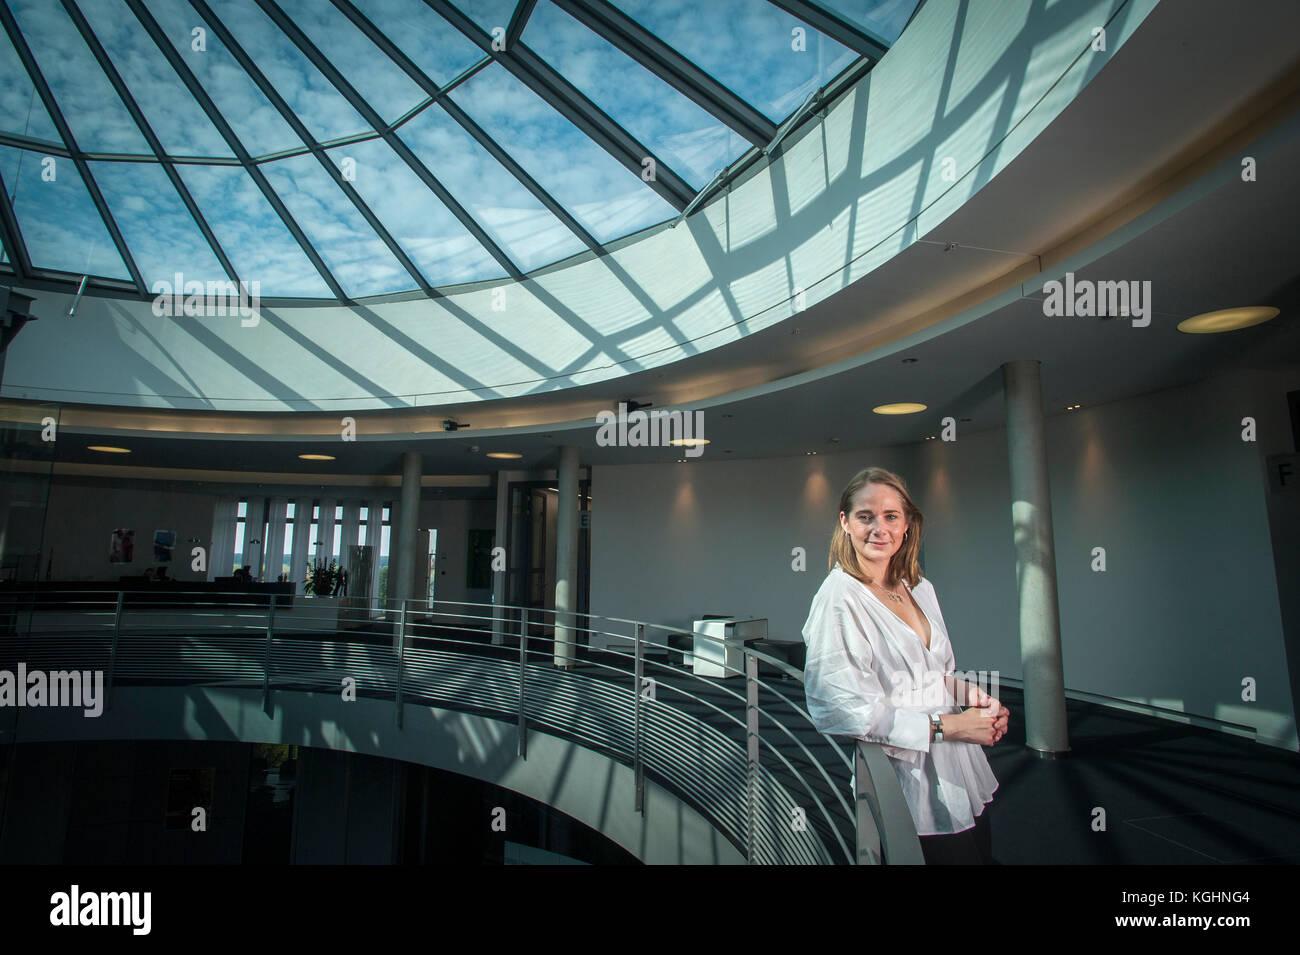 Anne Mette Høyer testa di rapporti di affari per SAP. Fotografato presso i loro uffici a Walldorf, Baden-Württemberg, Immagini Stock